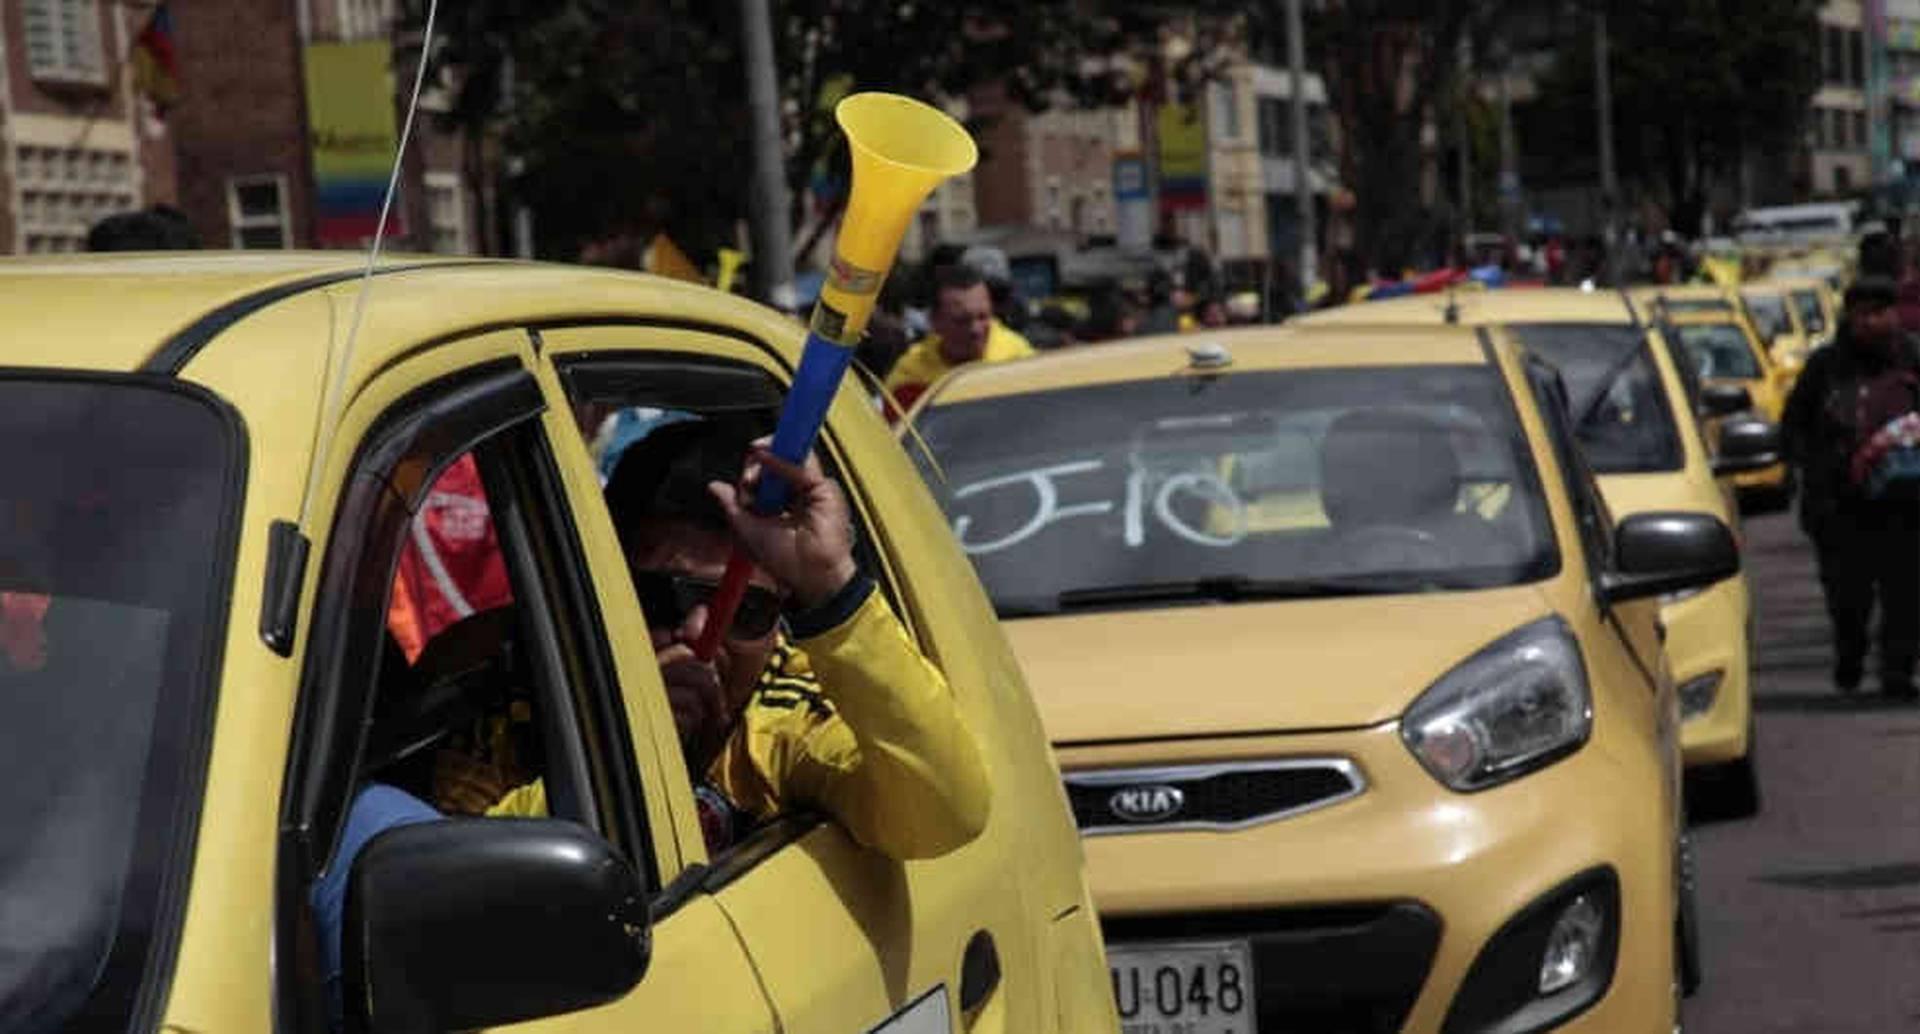 De acuerdo con el vocero Ospina, el paro será nacional, por lo que esperan que ese día puedan llegar hasta Bogotá todos los líderes de ese gremio.